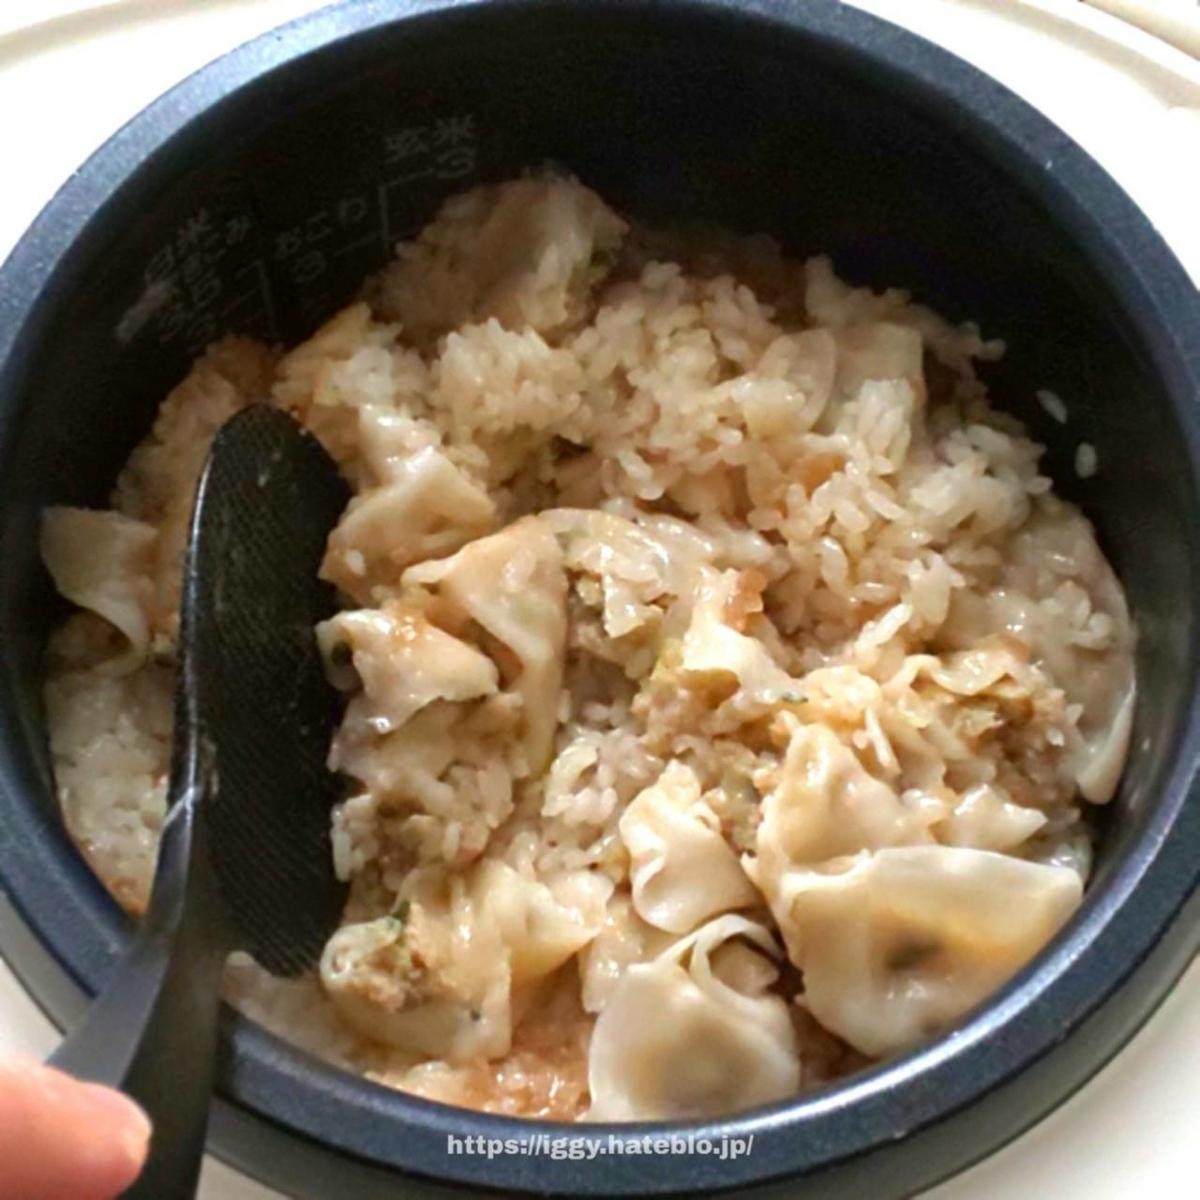 冷凍餃子丸ごとご飯③ iggy2019